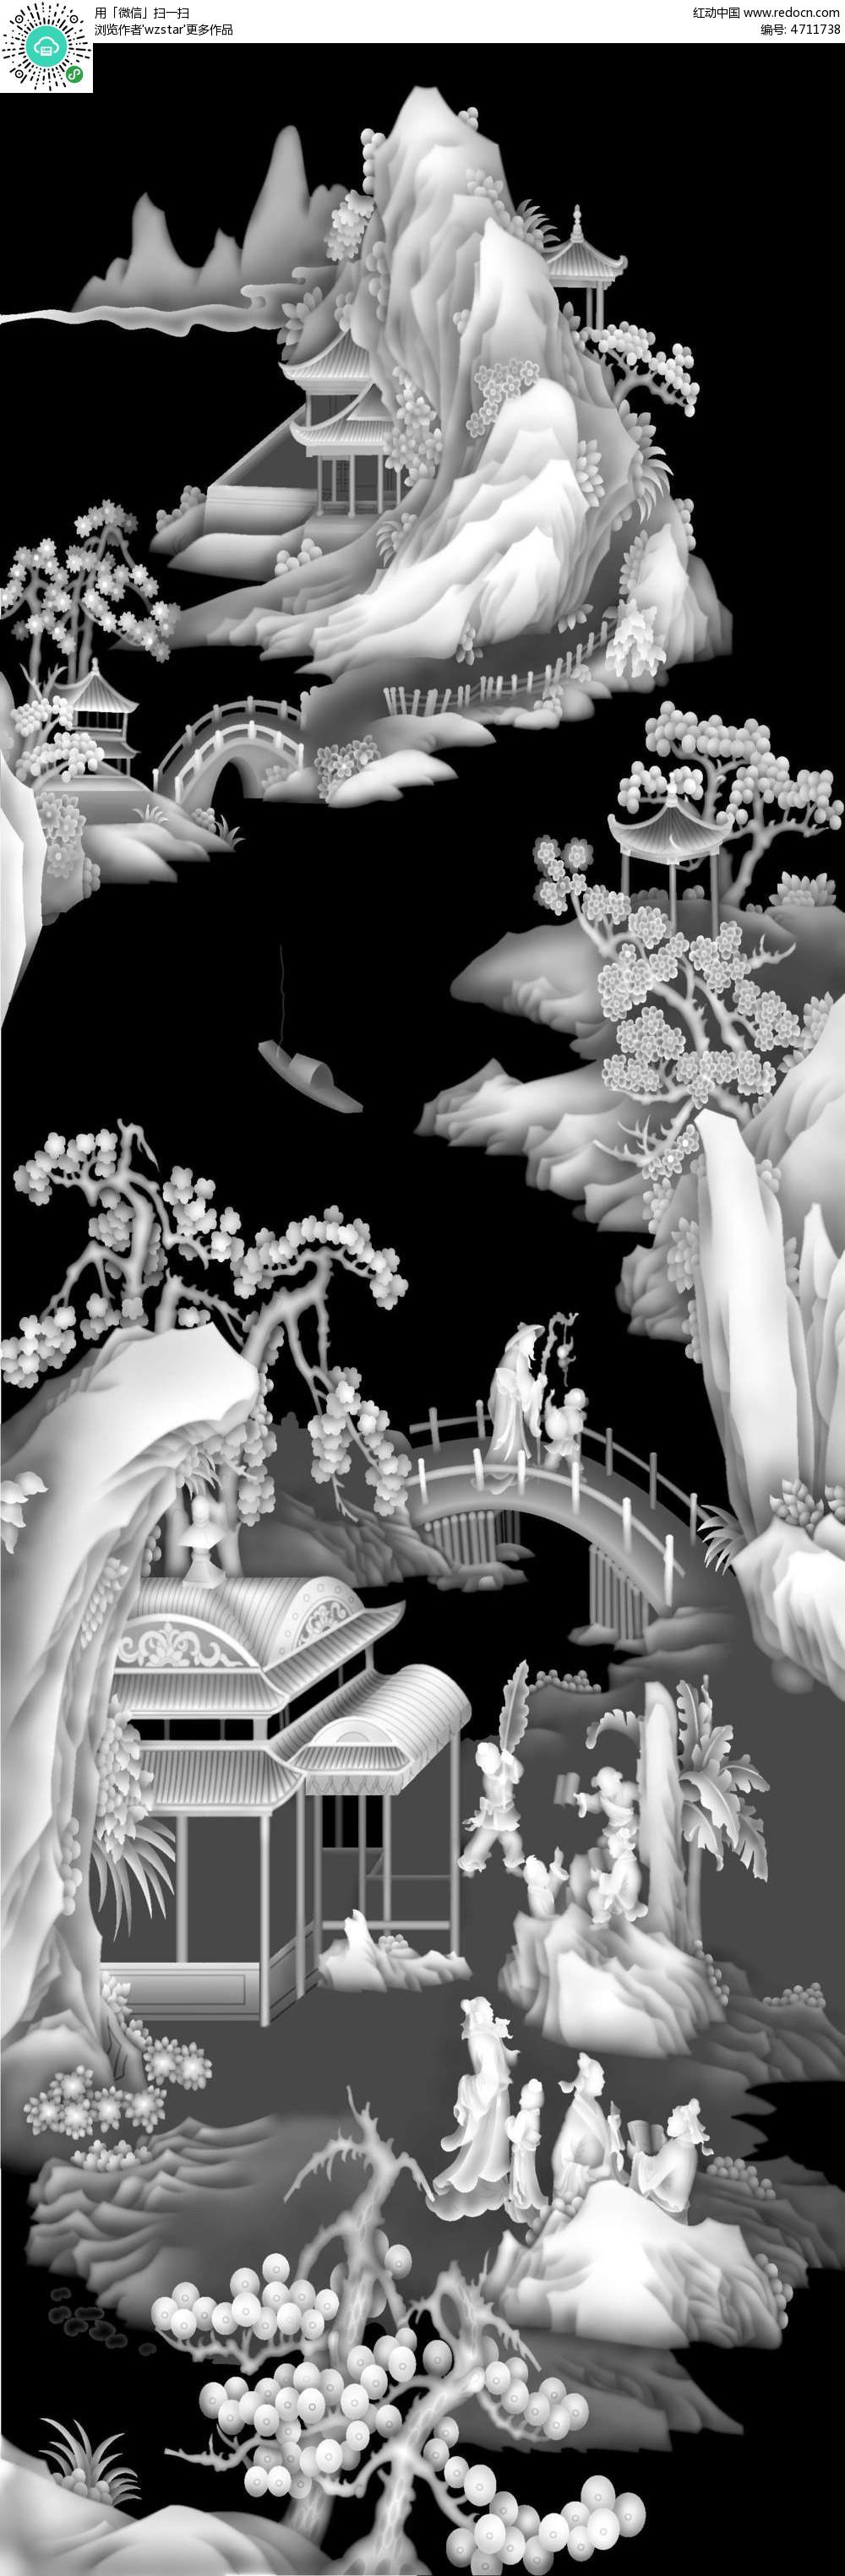 浮雕 浮雕灰度图 浮雕图模板 雕花 灰度图 黑白 精雕图 树木 凉亭